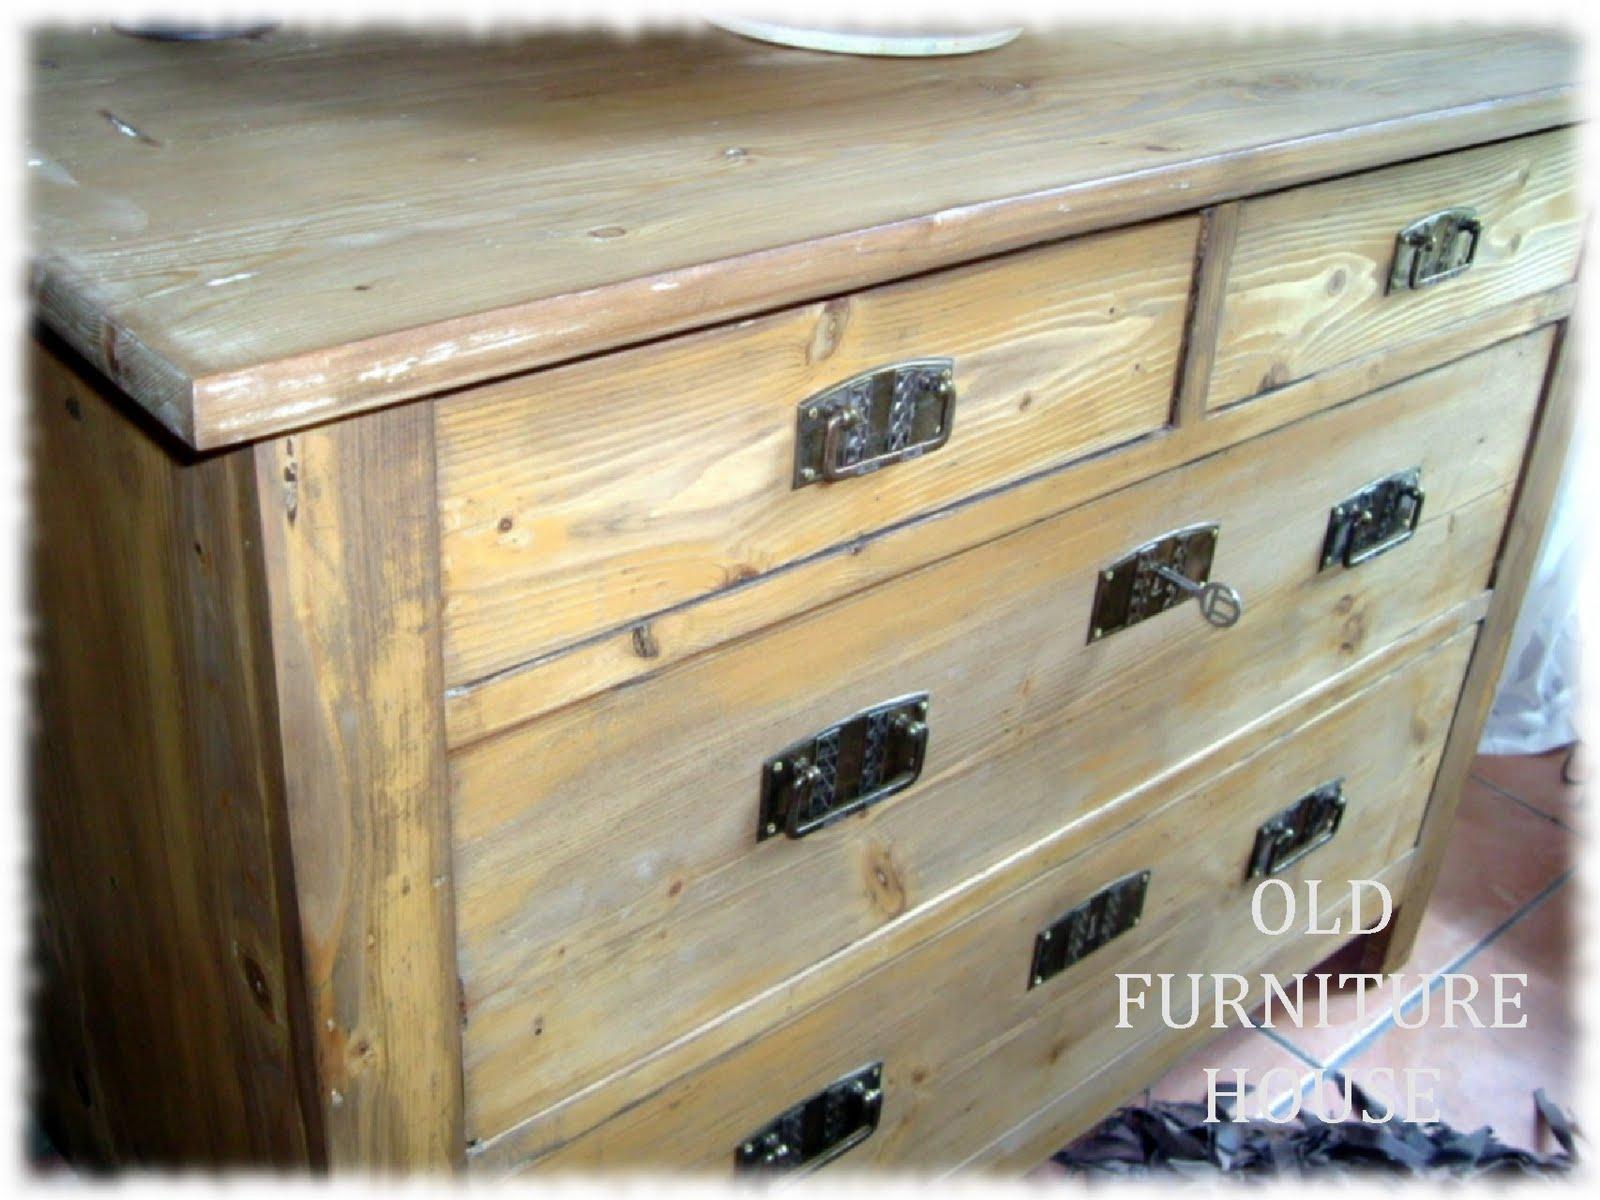 old furniture house eine alte kommode. Black Bedroom Furniture Sets. Home Design Ideas